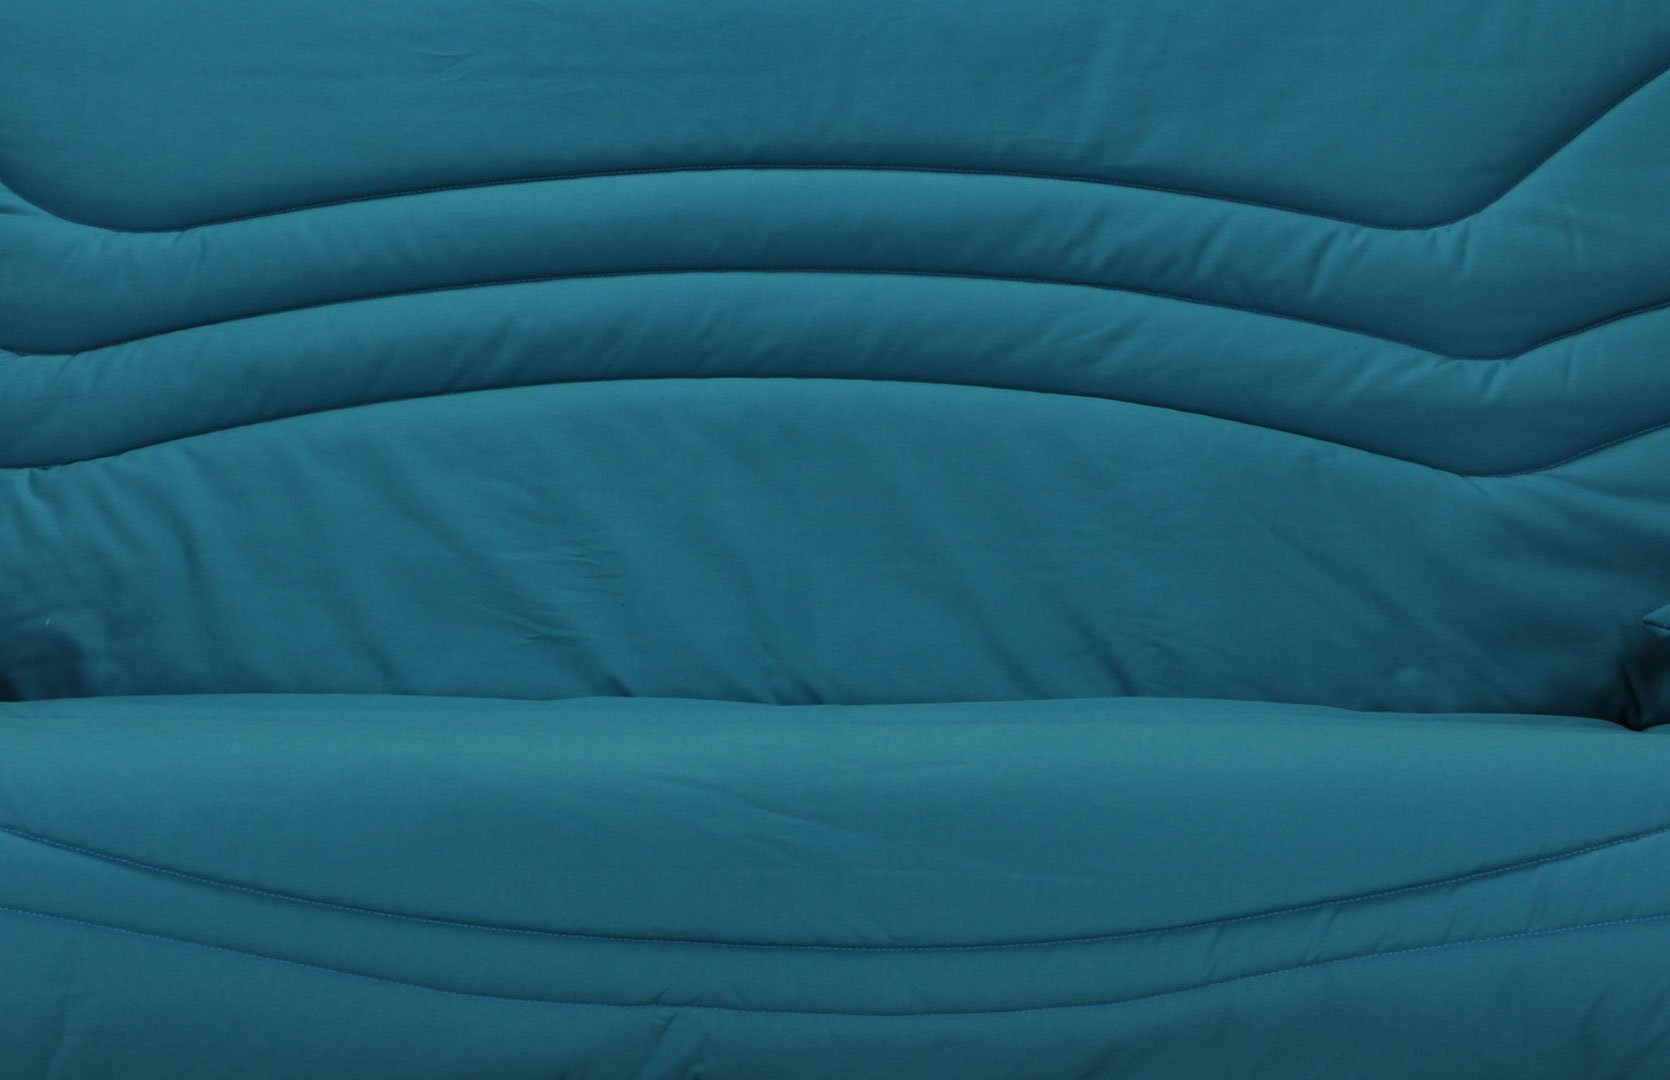 Housse BZ & 2 housses de coussin coloris bleu canard Boris | Matelpro